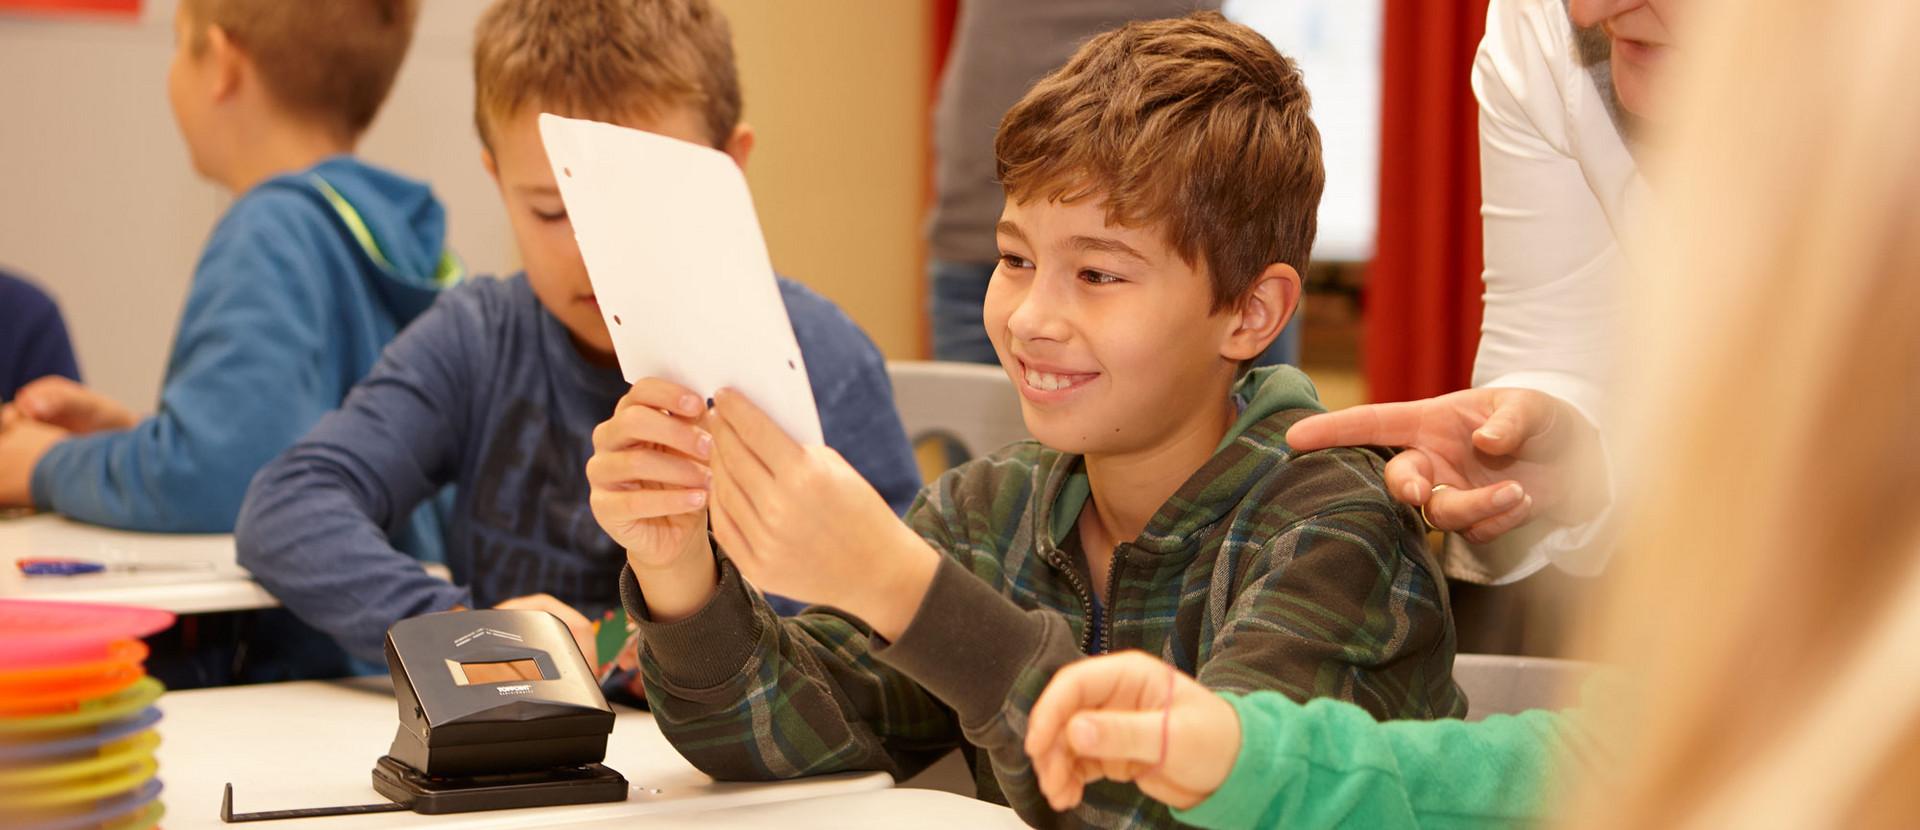 lächelnder Junge hält Maske in der Hand und schaut sie an